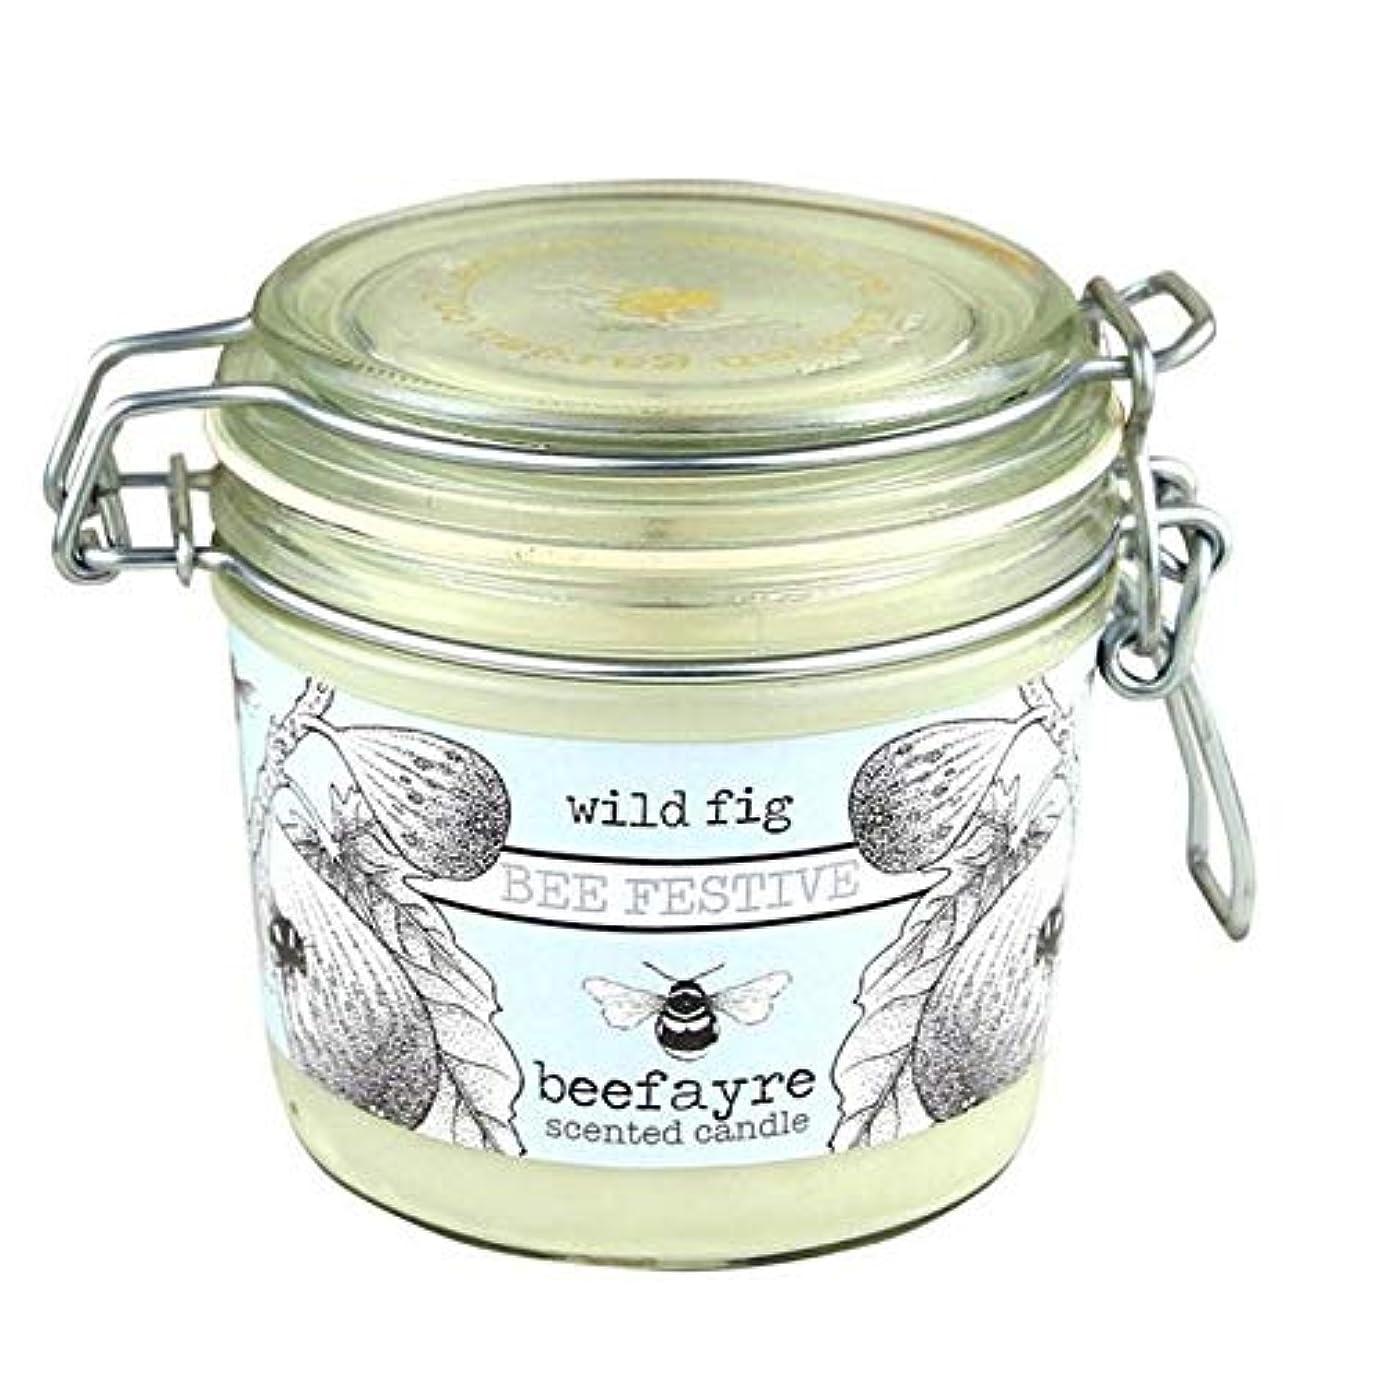 しつけクリーク路面電車[Beefayre] 野生のイチジク大きな香りのキャンドルBeefayre - Beefayre Wild Fig Large Scented Candle [並行輸入品]